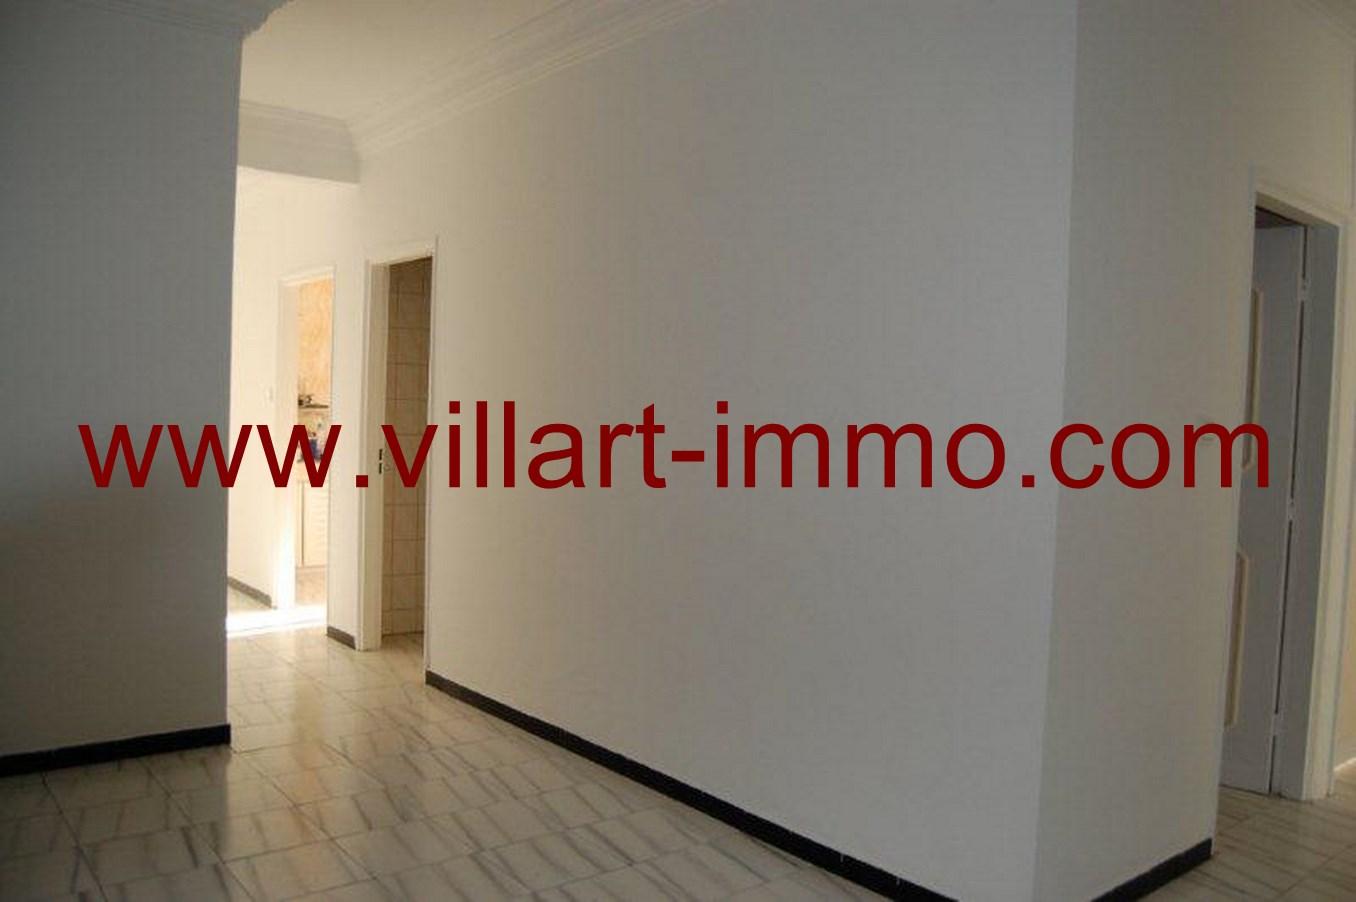 1-Location-Appartement-non meublé-Tanger-entrée-L615-Villart-immo